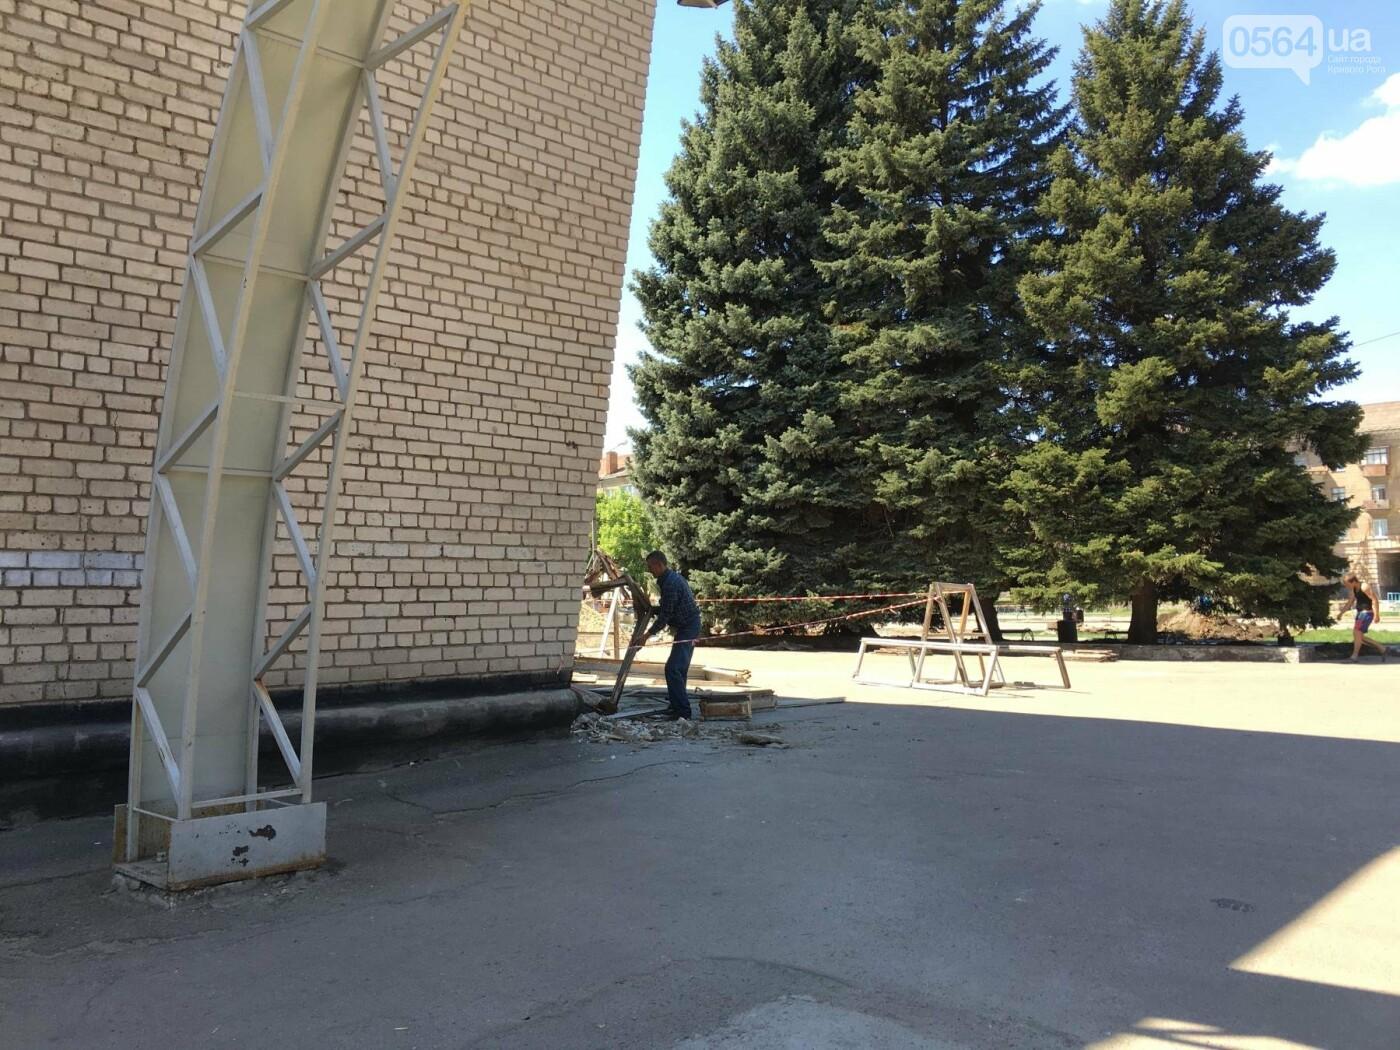 В Кривом Роге перед Дворцом культуры убрали остатки памятника Ленину (ФОТО), фото-16